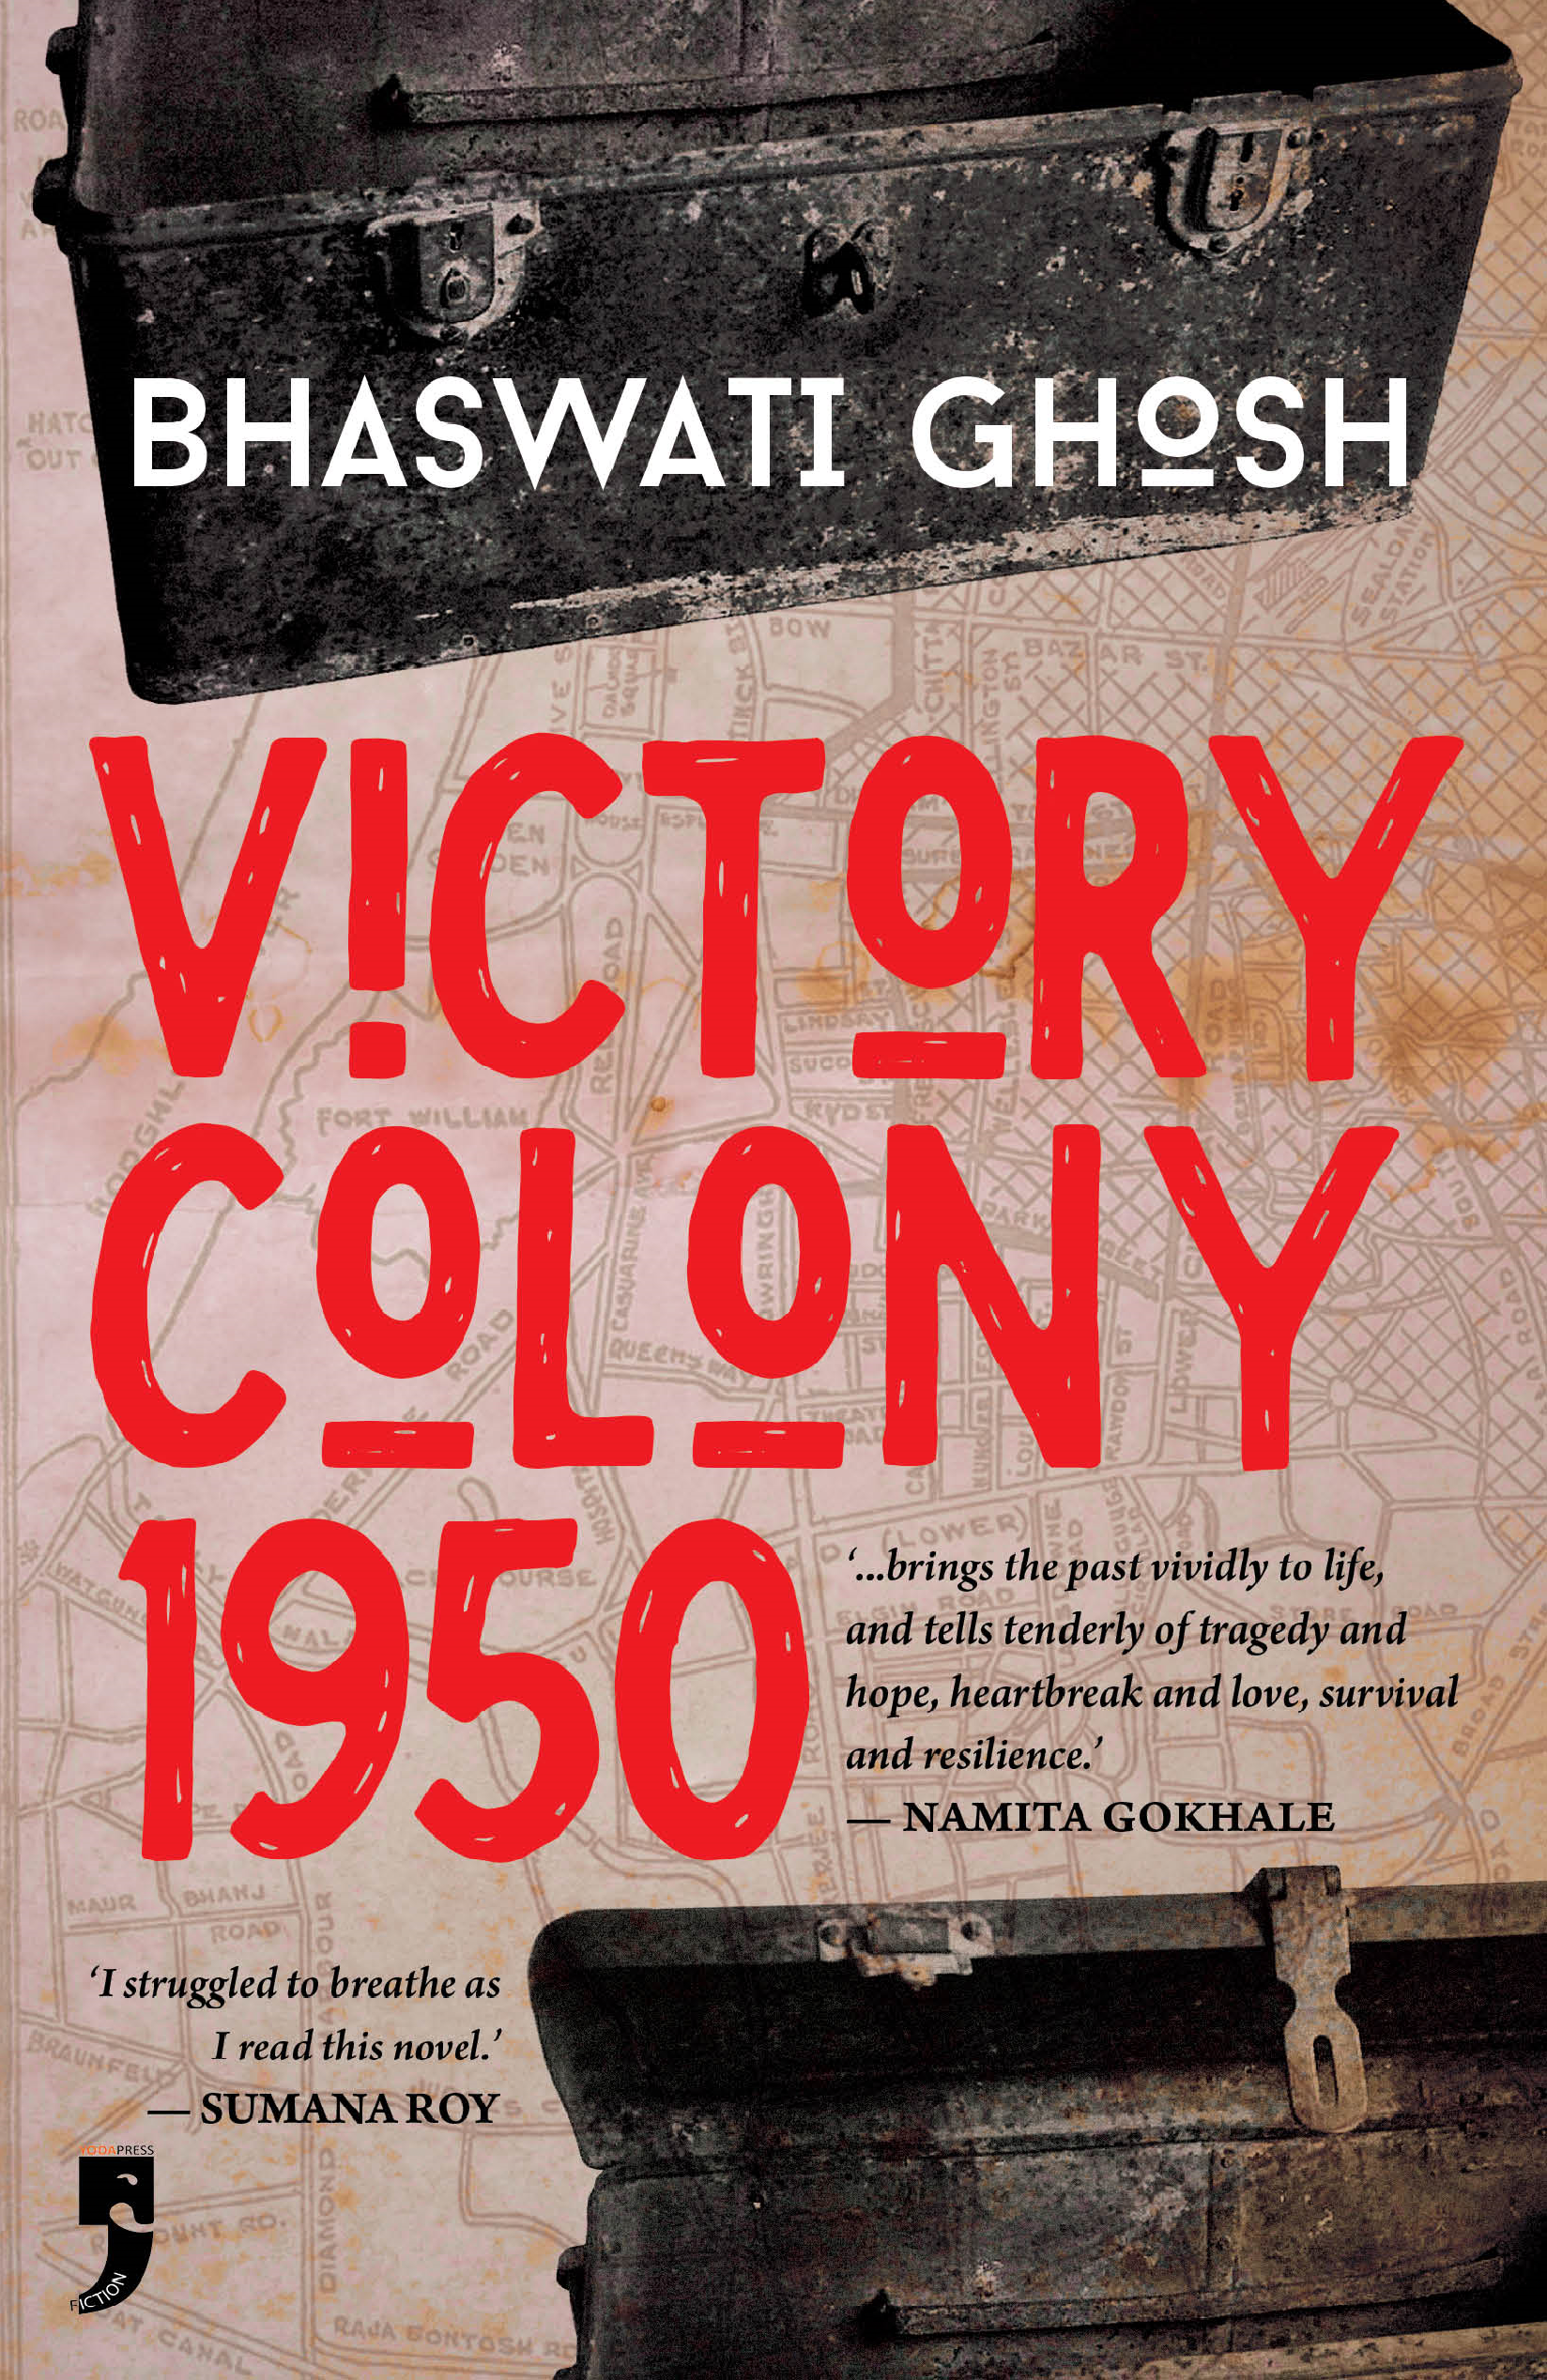 Press – Bhaswati Ghosh